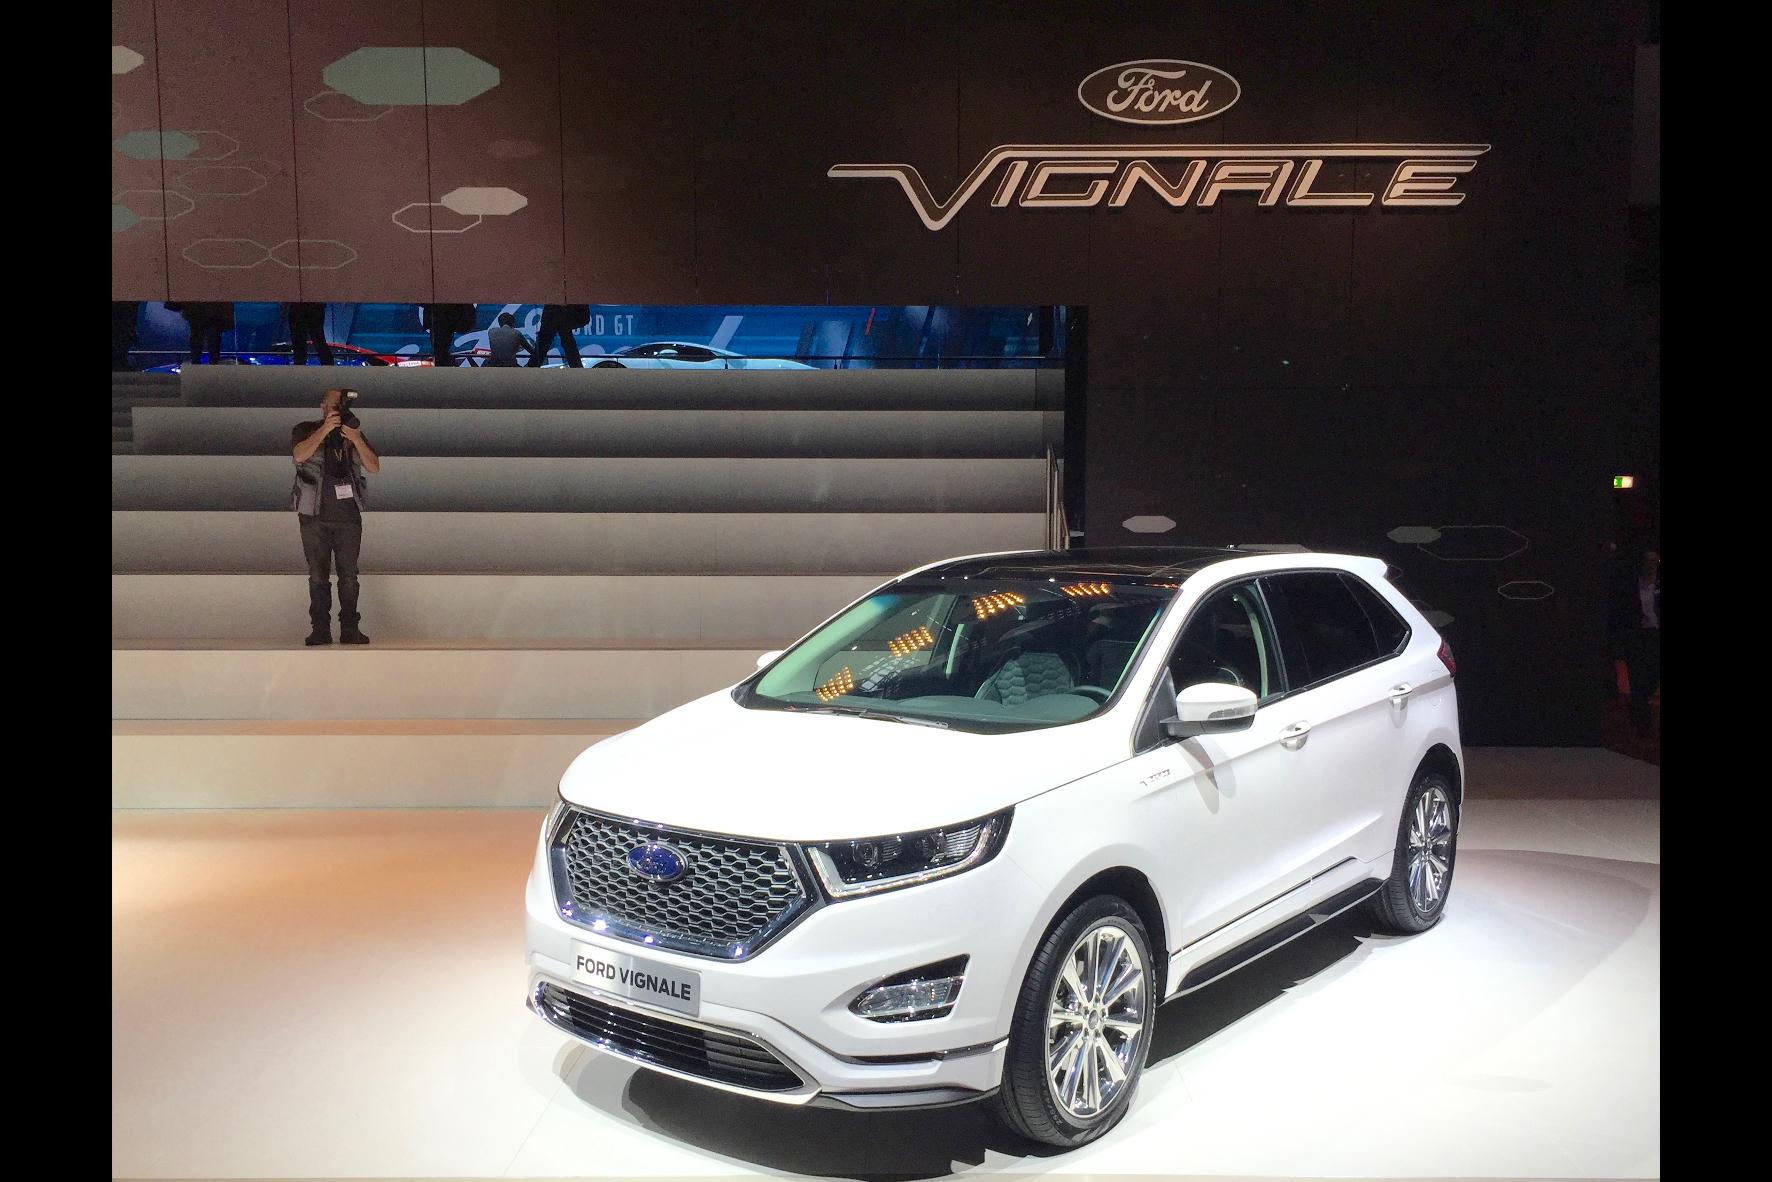 Insgesamt vier neue, besonders luxuriös ausgestattete Vignale-Modelle stellt Ford auf dem Genfer Automobilsalon 2016 vor.